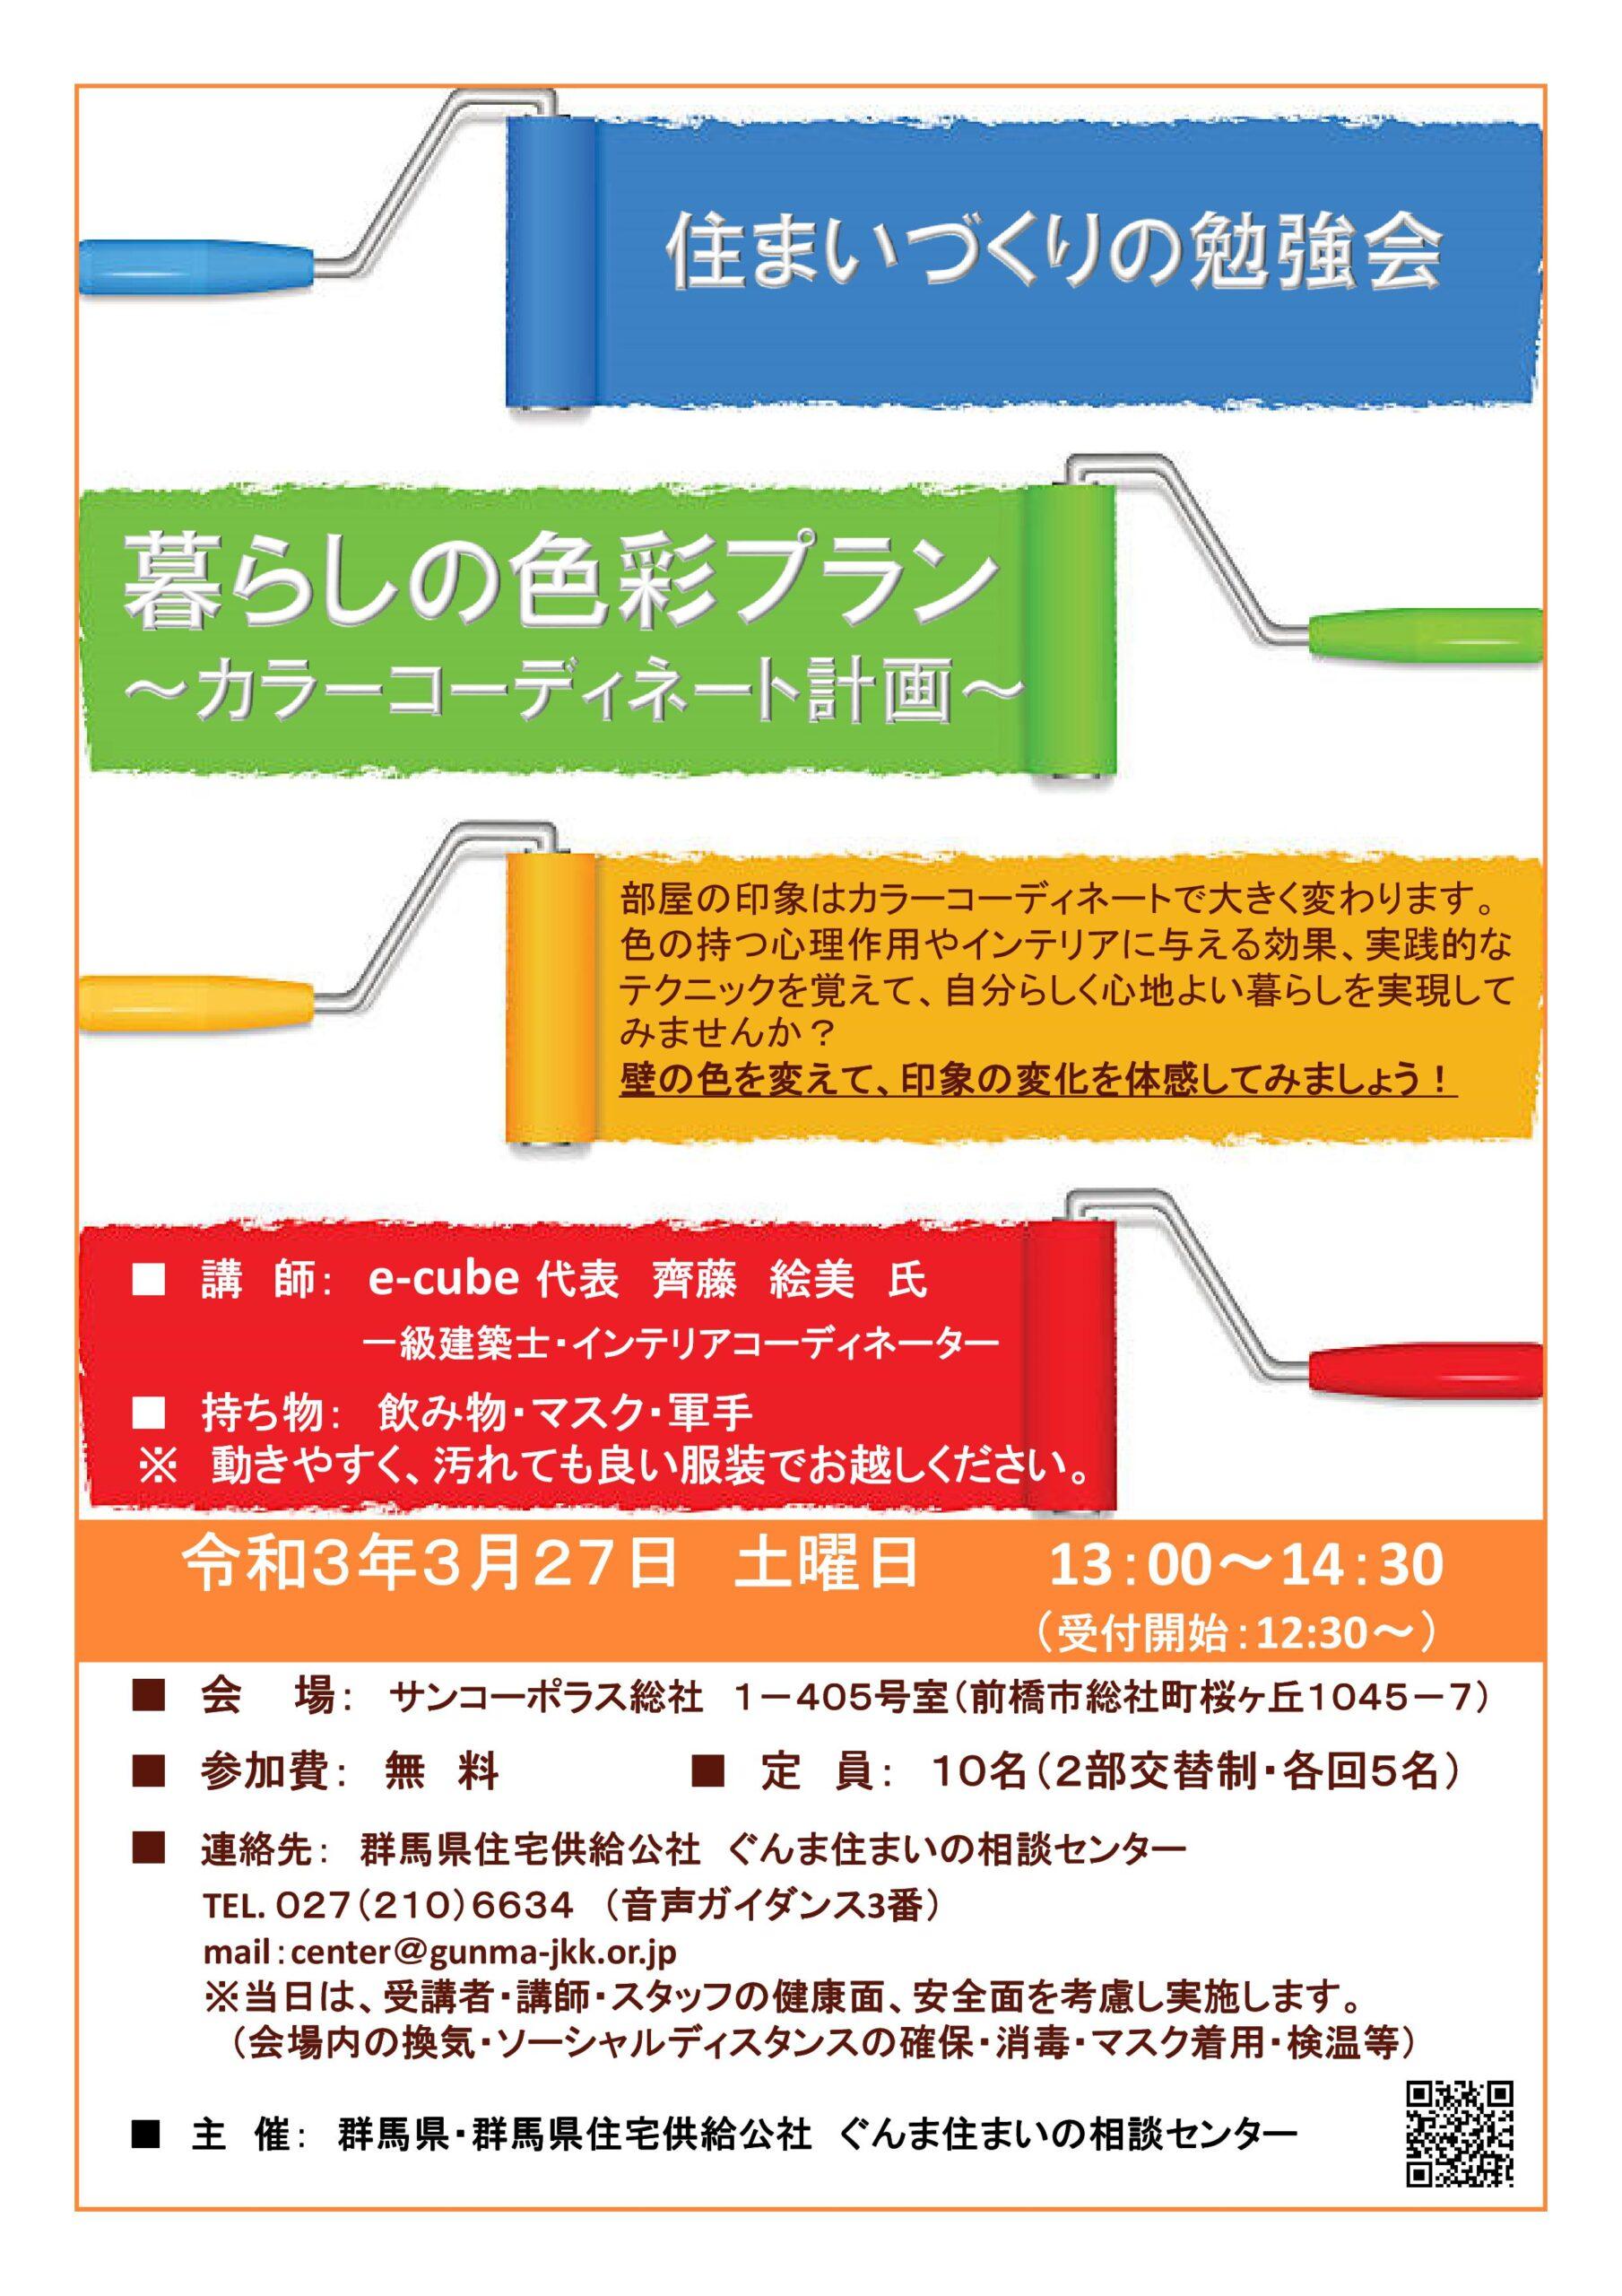 3月27日(土)住まいづくりの勉強会を開催します